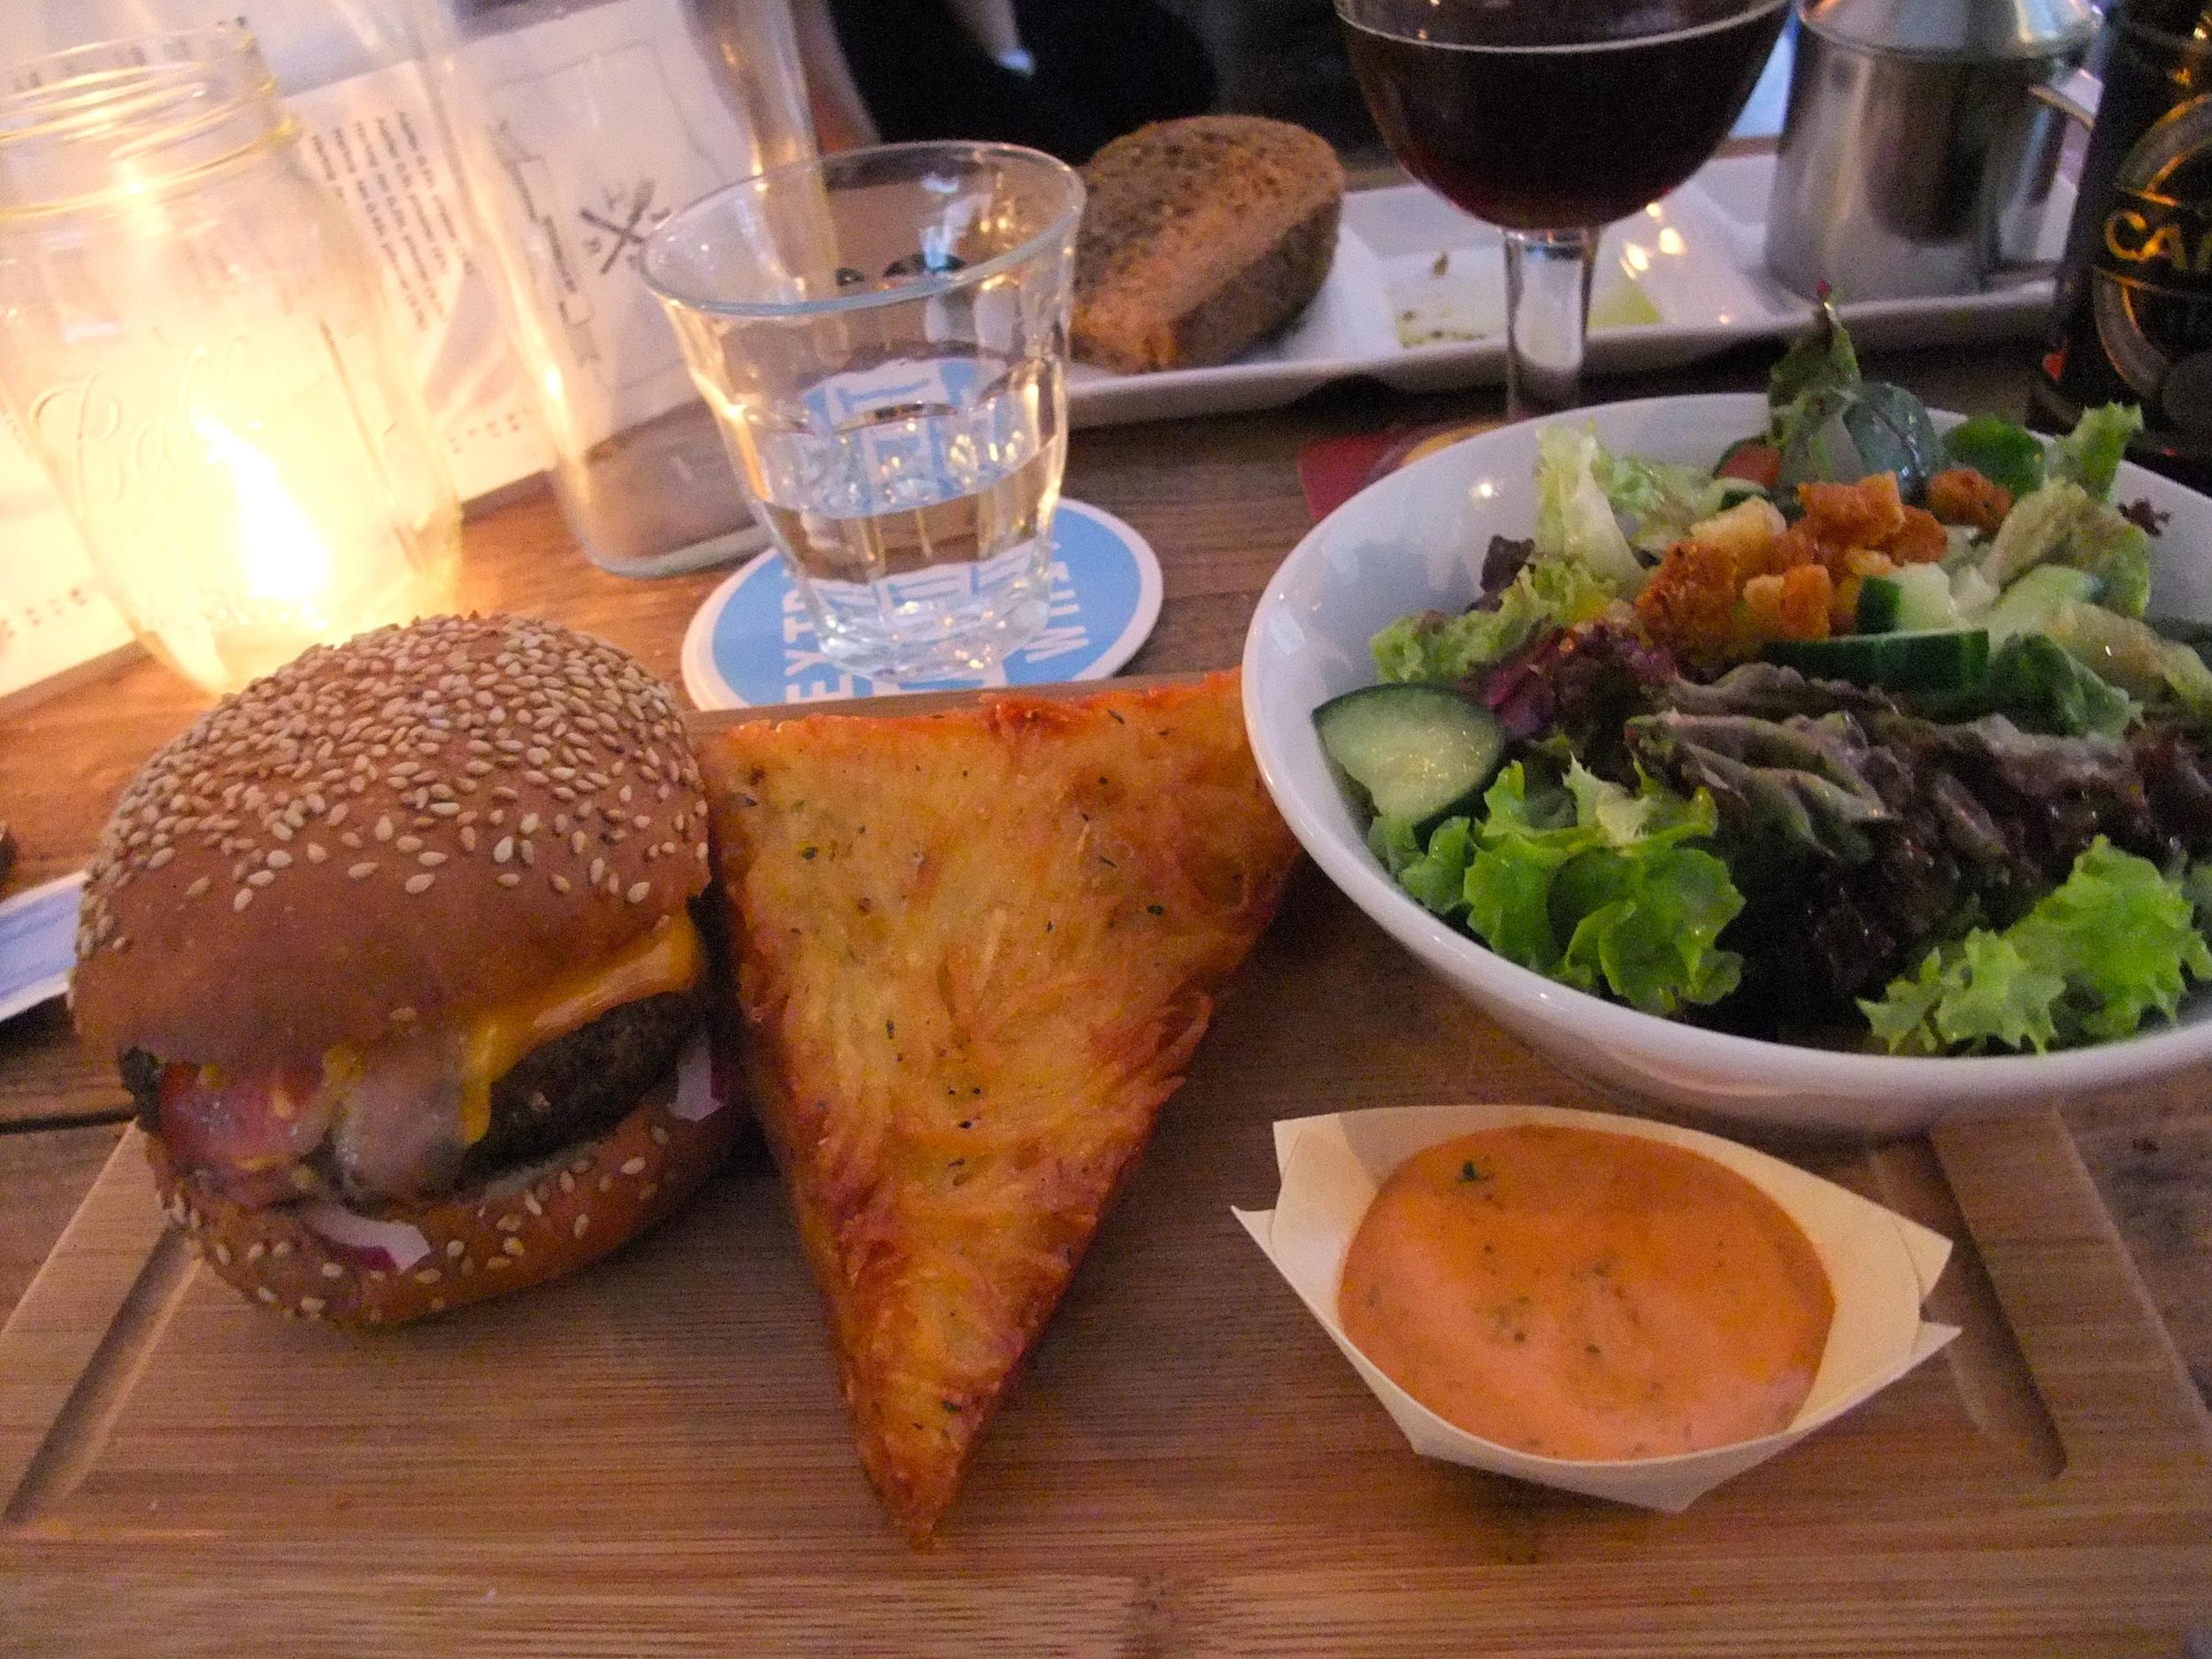 Fier burger